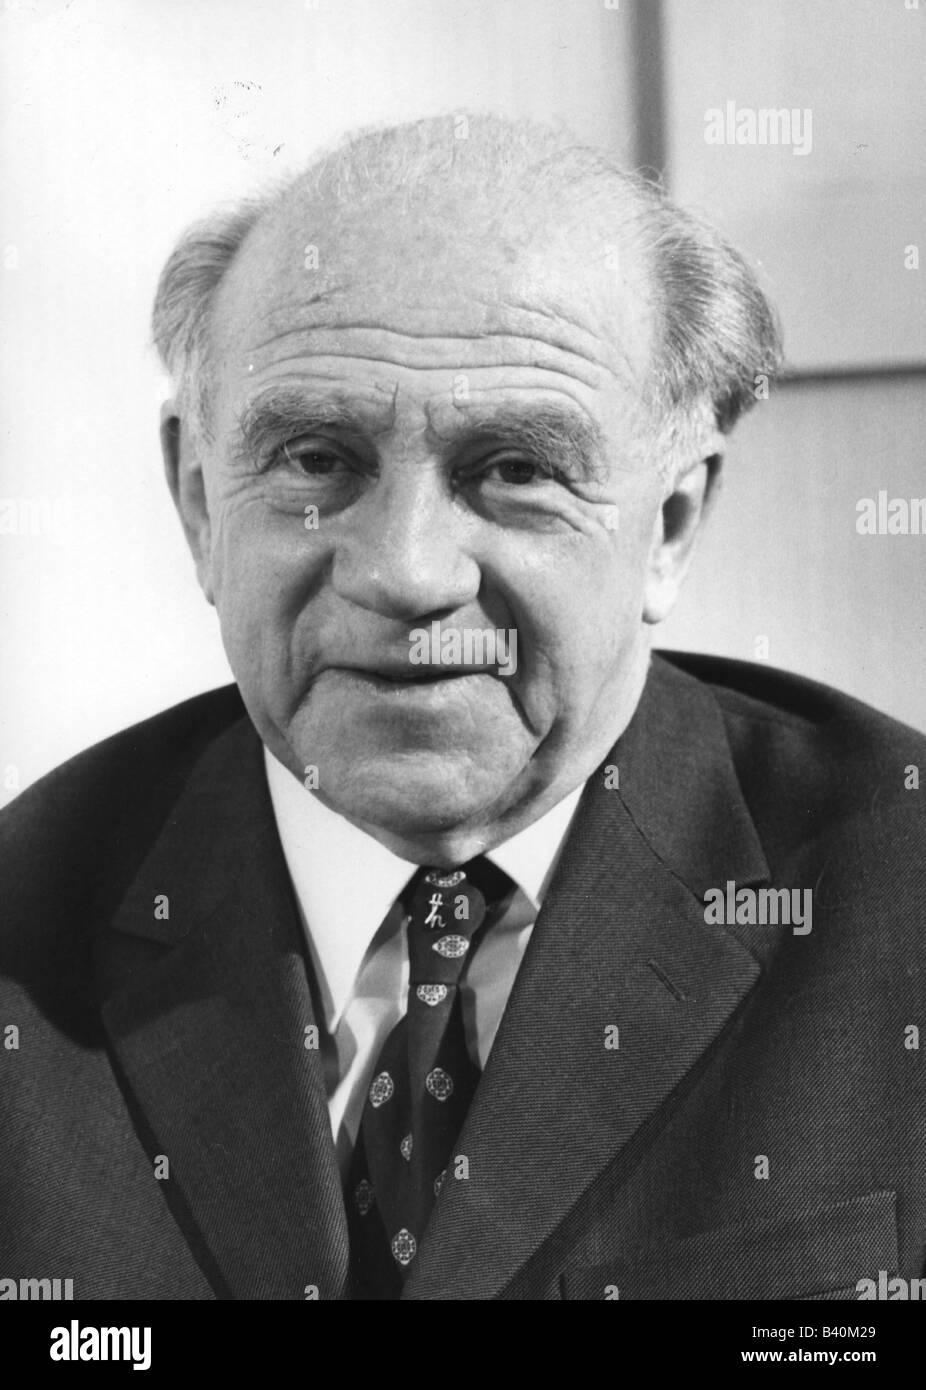 Heisenberg, Werner Karl, 5.12.1901 - 1.2.1976, German ...